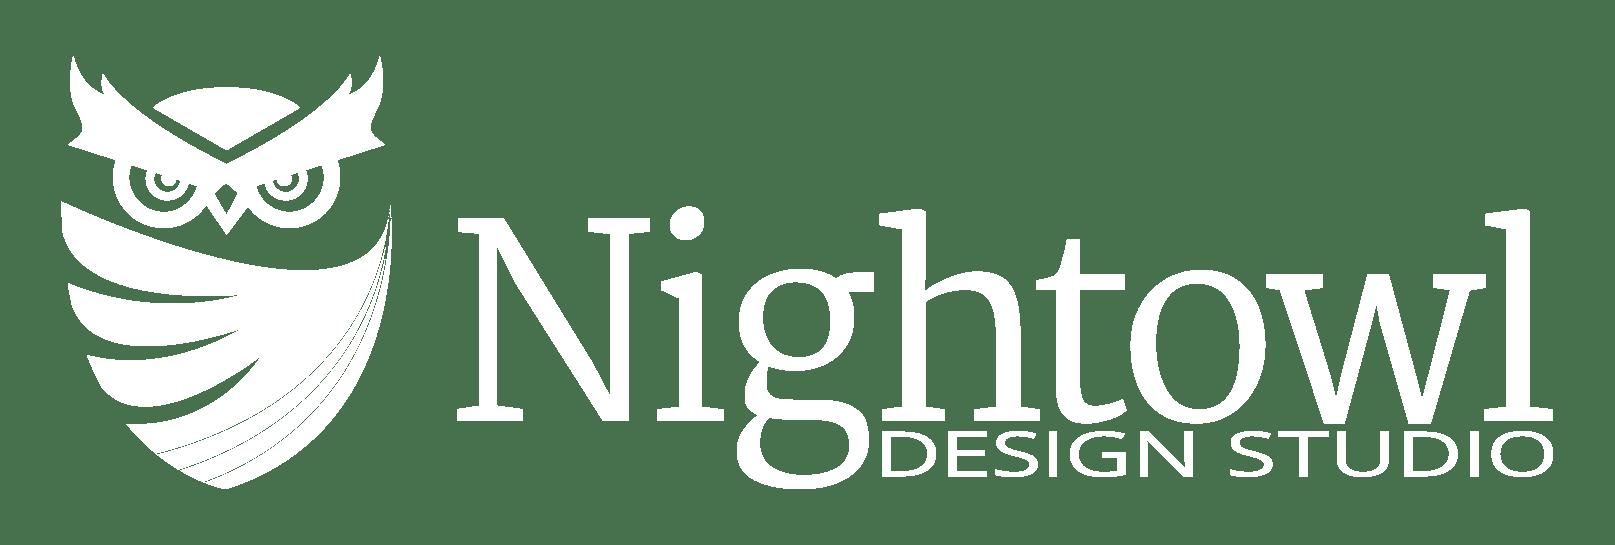 NightOwl Design Studio